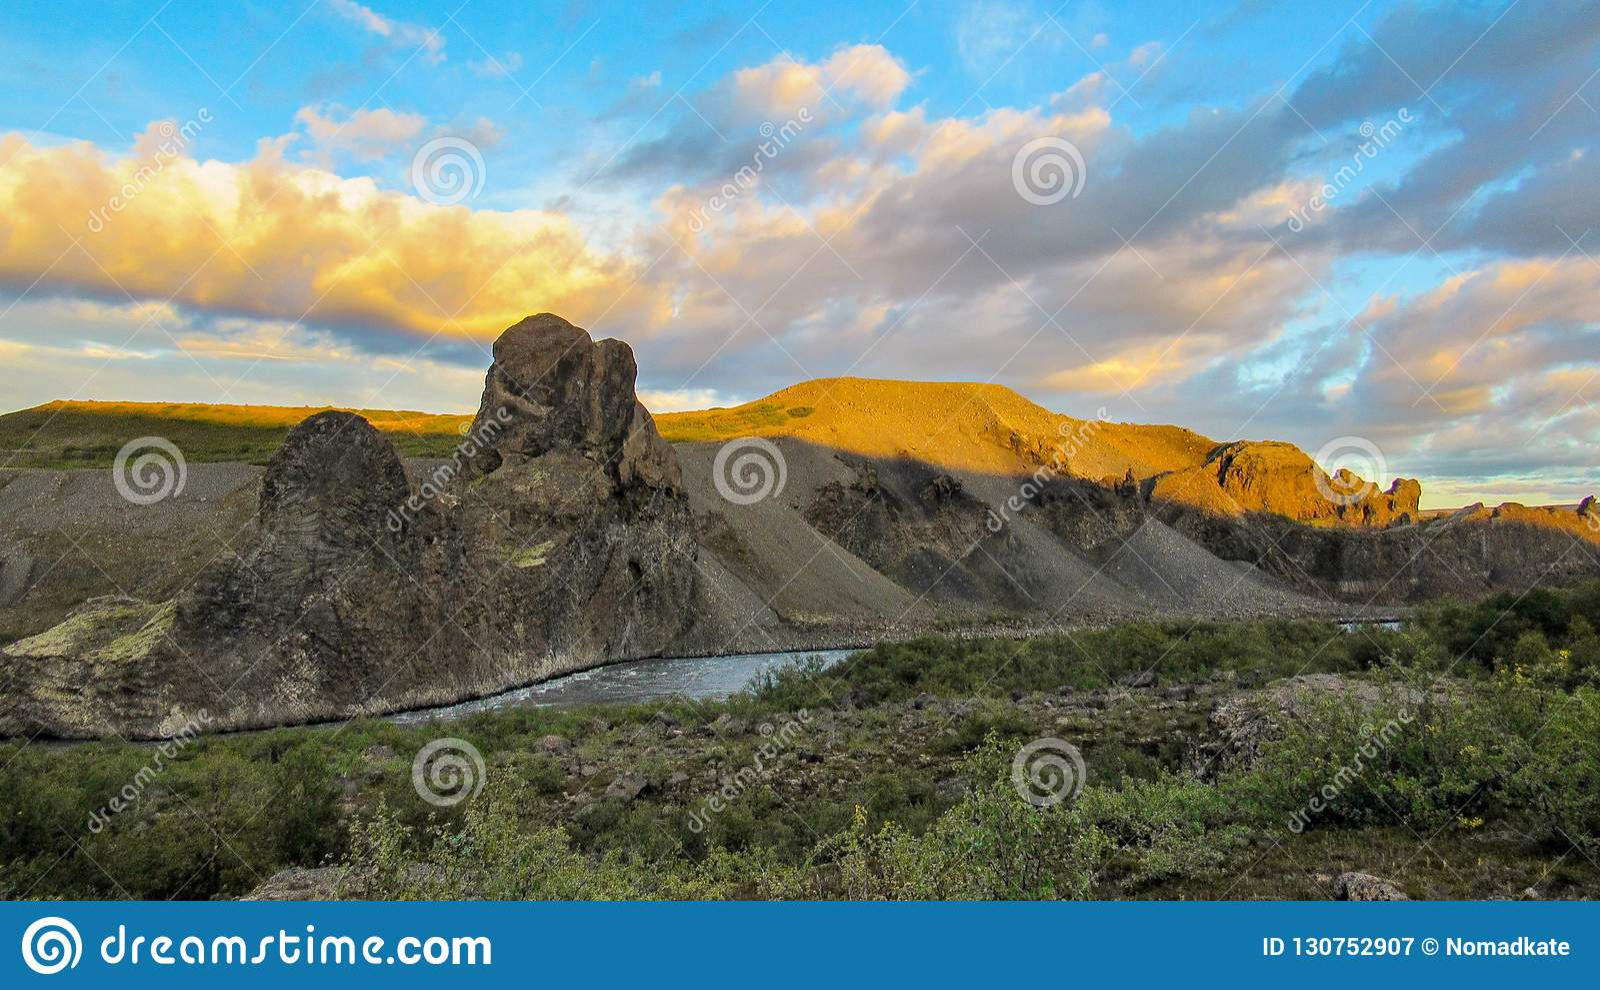 Säulenfelsformationstal und -fluß bei Vesturdalur, Asbyrgi während des Sonnenuntergangs, Nationalpark Vatnajokull, Island